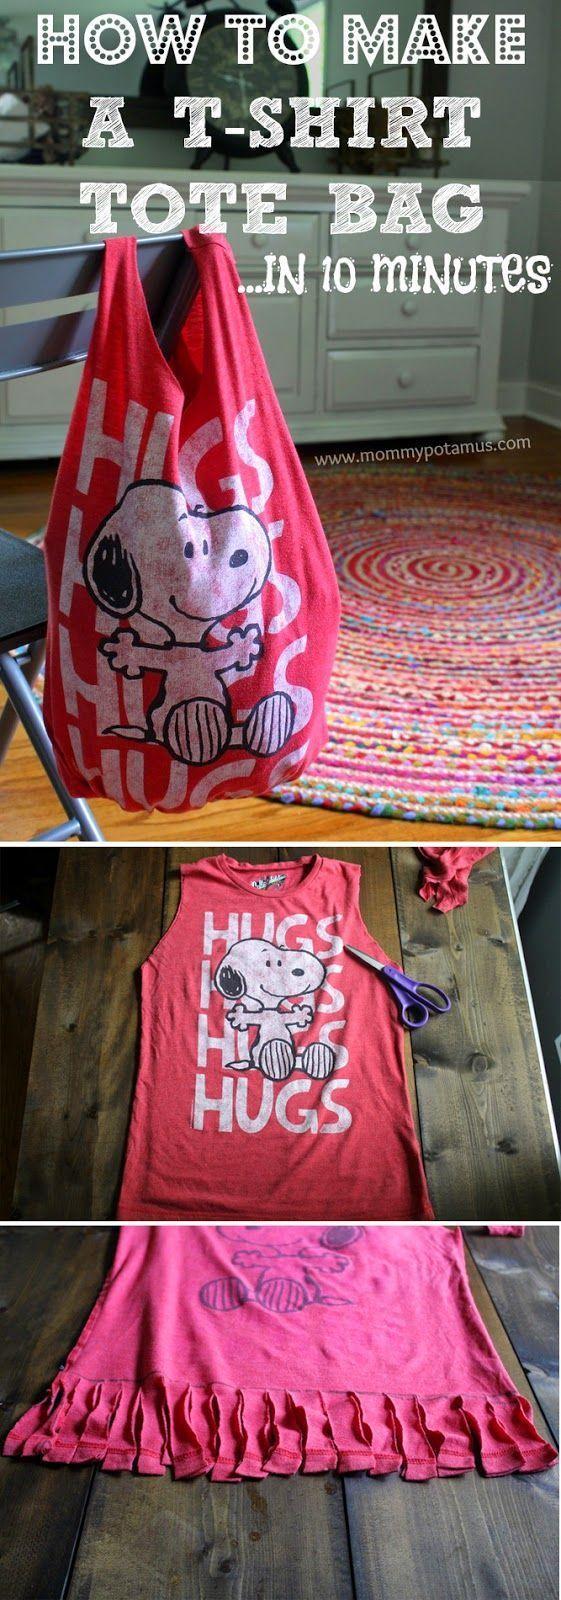 16 Upcycled und Refashioned TShirt DIY Tutorials .... Von Tragetaschen zu Katzenzelt ....  #katzenzelt #refashioned #tragetaschen #tshirt #tutorials #upcycled #UpcyclingKleider #UpcyclingKleidung #nosewshirts